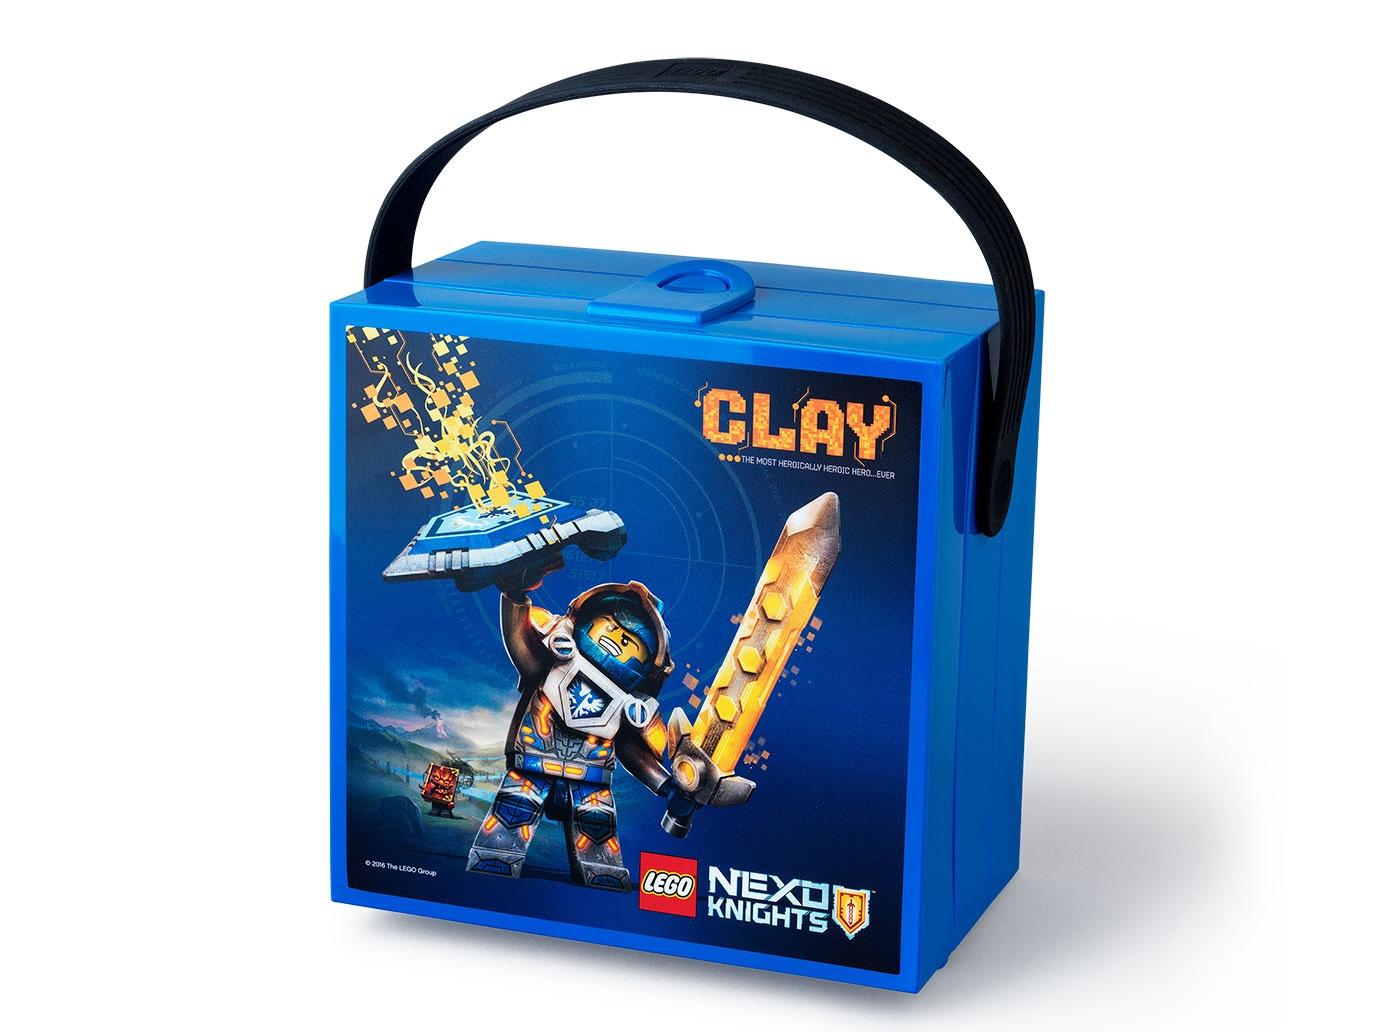 Контейнер для ланча LEGO NEXO KNIGHTS с ручкой, синий контейнер для ланча lego ninjago movie с ручкой зеленый